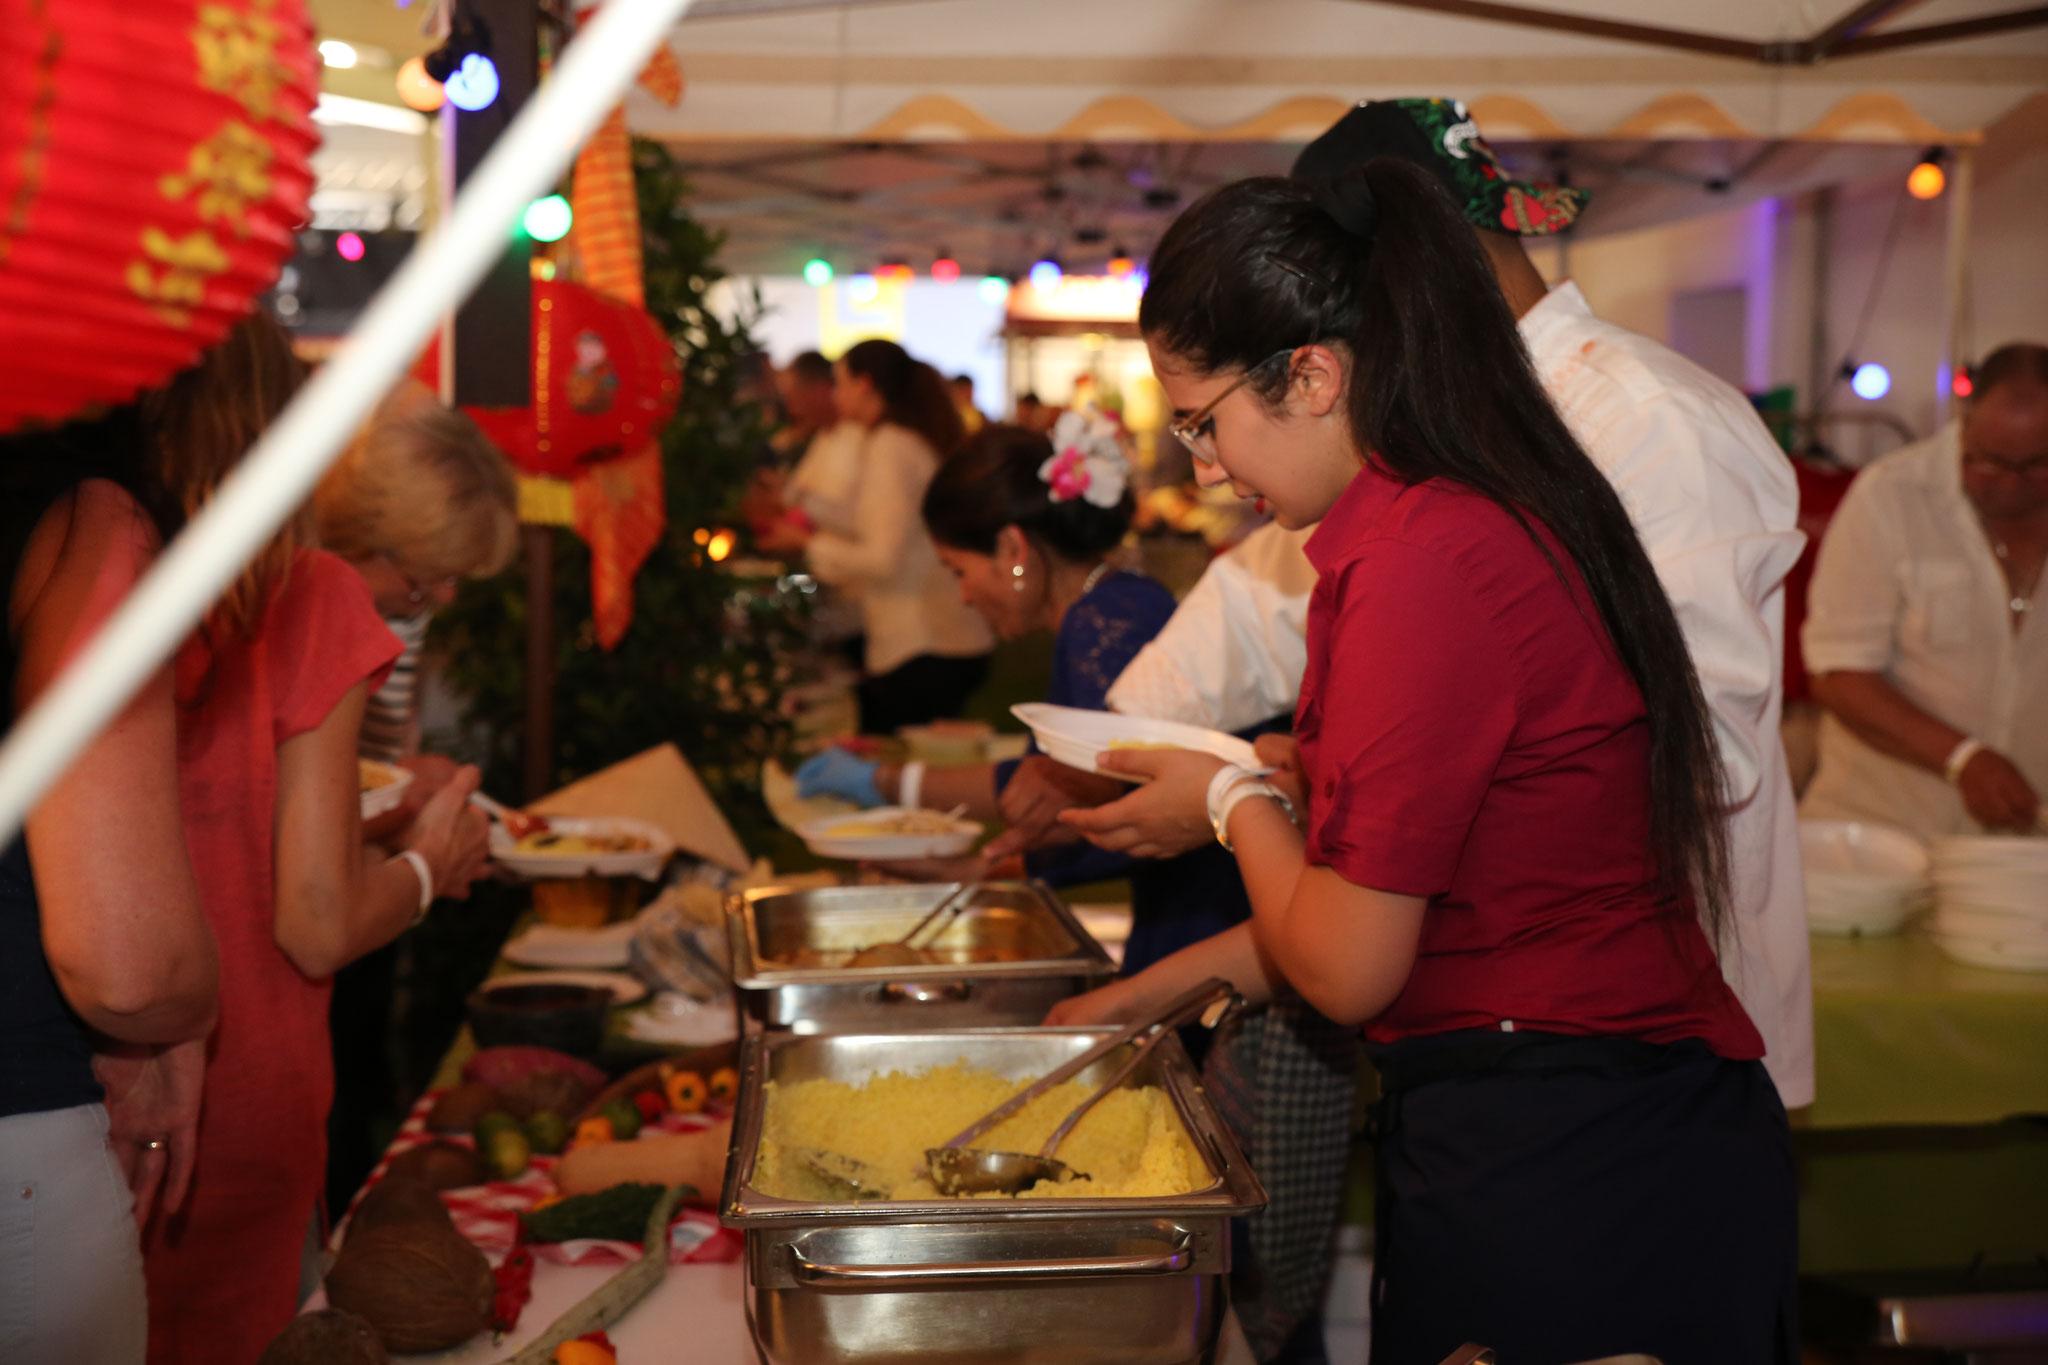 Cateringpersonal erfreut die Gäste